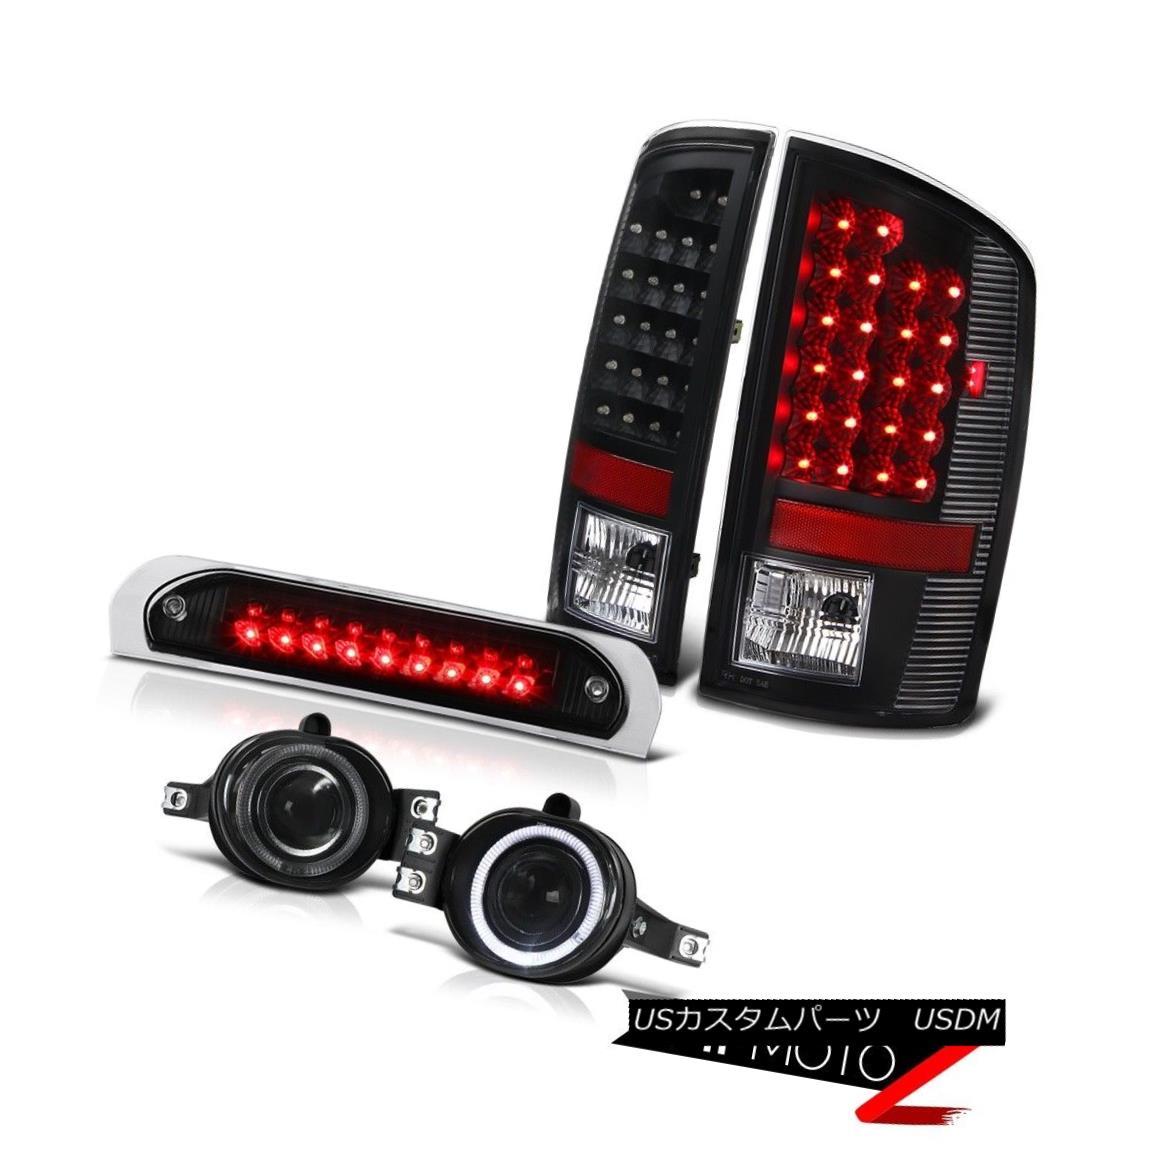 ヘッドライト Black Brake Tail Lights Projector Foglights High Cargo LED 02 03 04 05 Ram V8 ブラックブレーキテールライトプロジェクターフォグライトハイカーゴLED 02 03 04 05 Ram V8